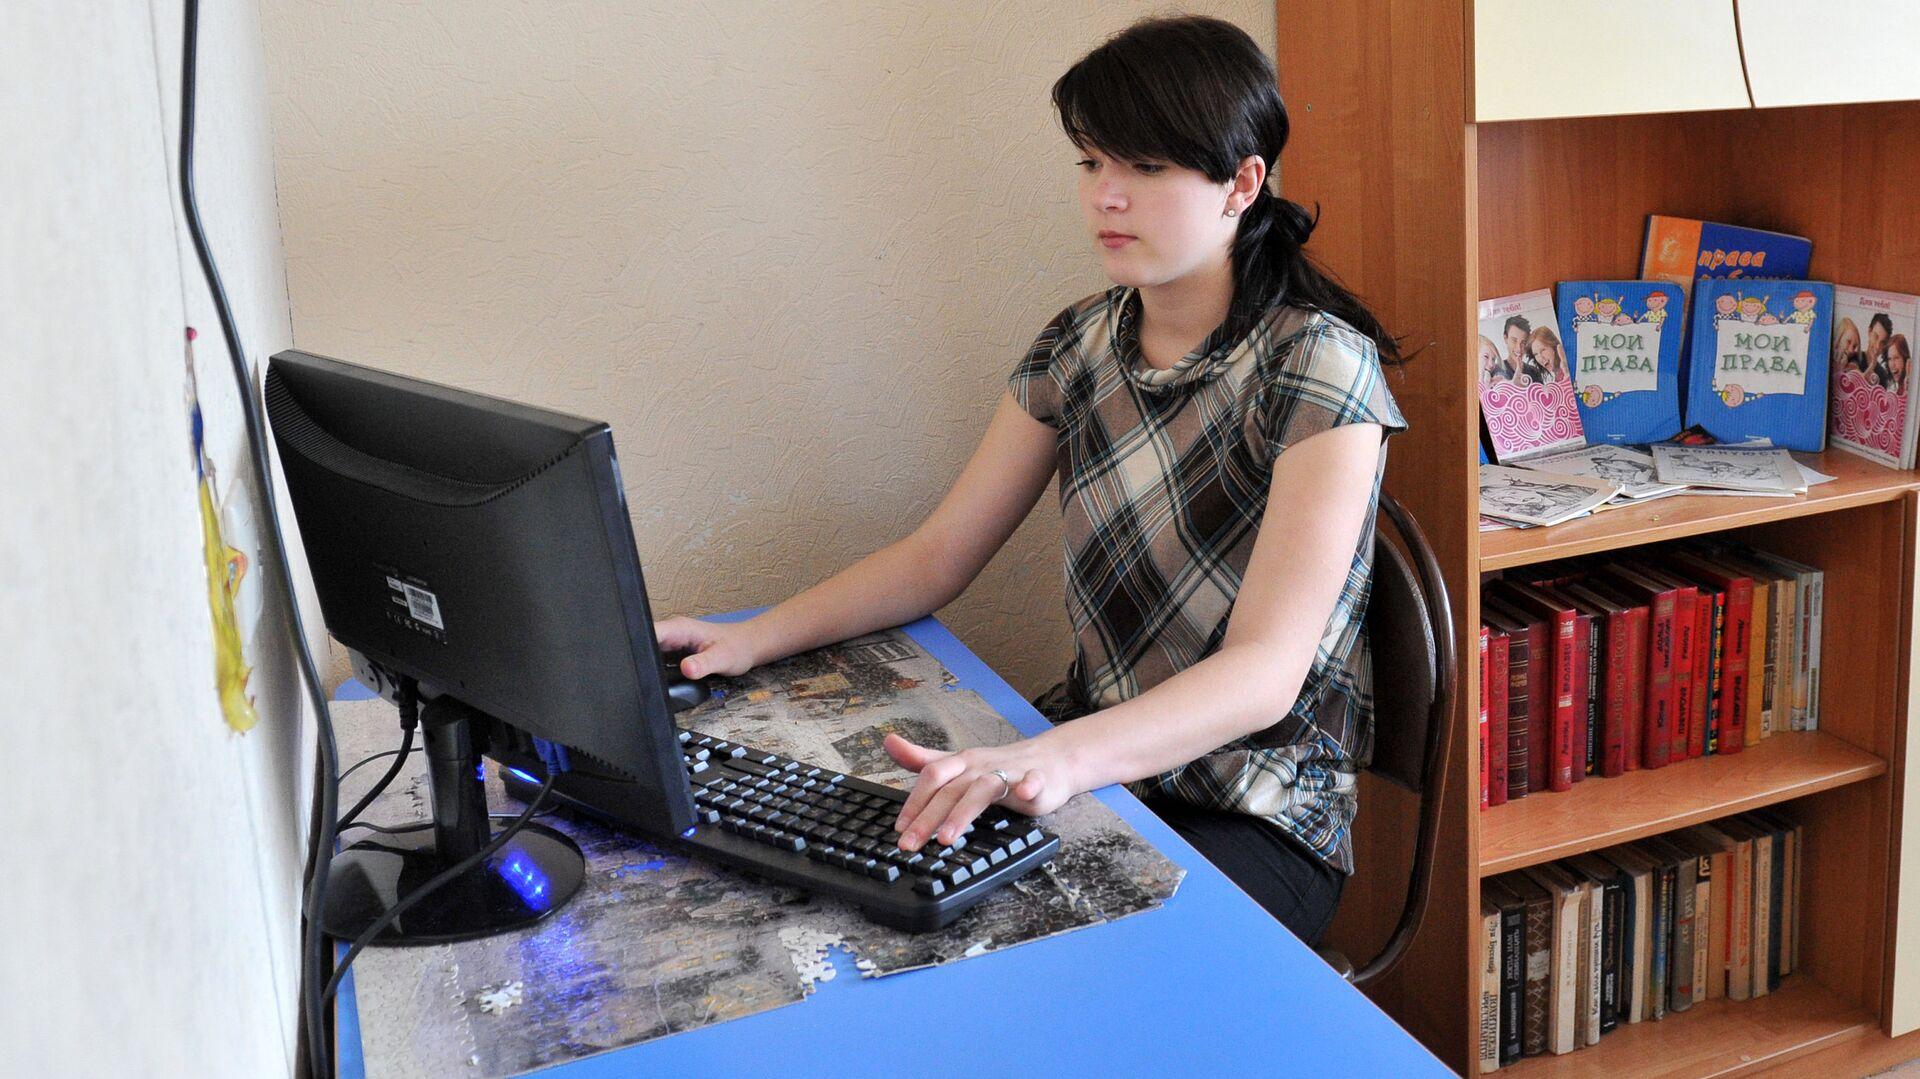 Девочка с компьютером - Sputnik Латвия, 1920, 21.05.2021